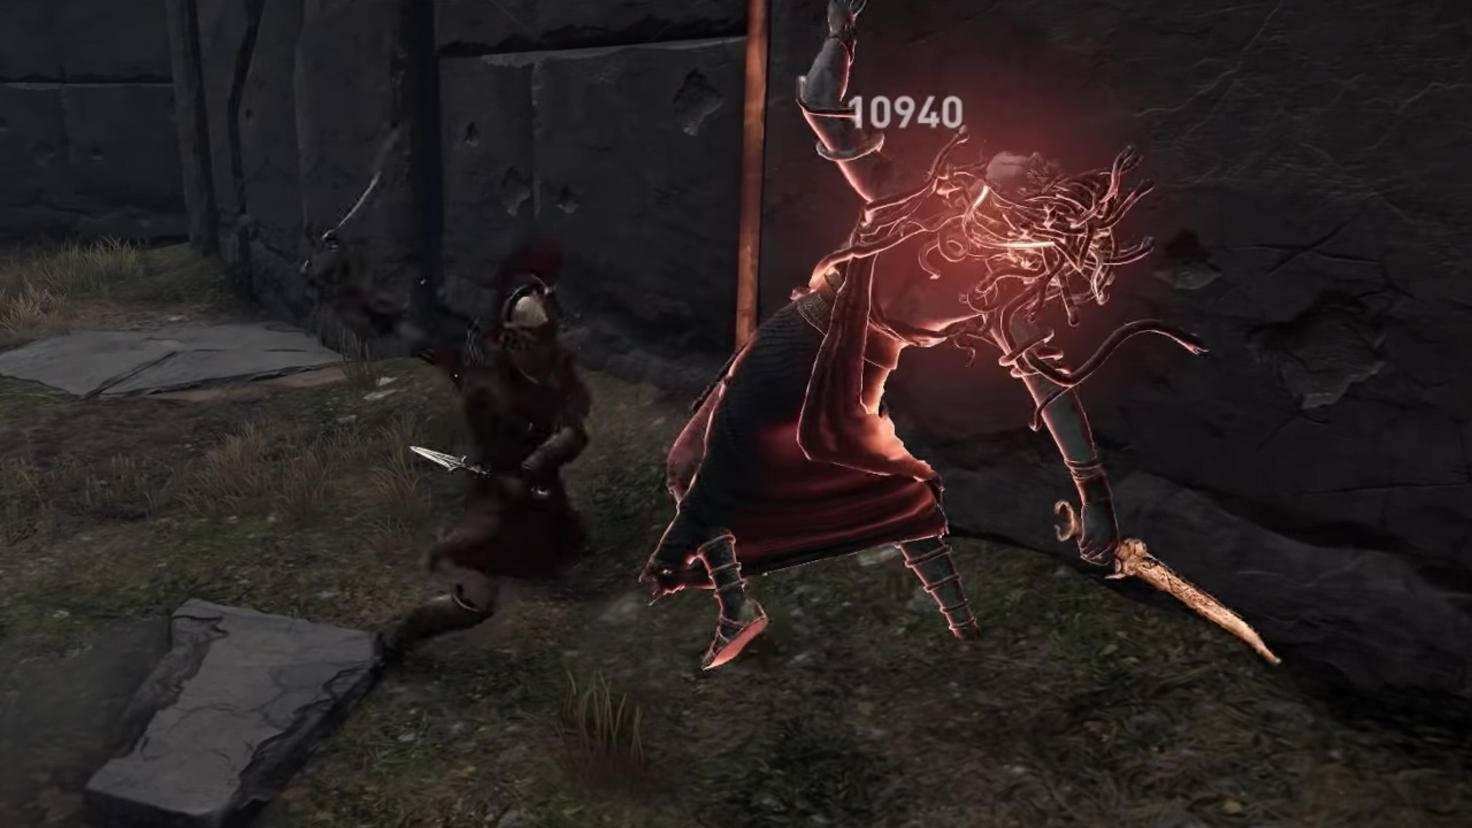 Wenn Medusa zum Schlag ausholt, droht ein verheerender Nahkampf-Angriff.